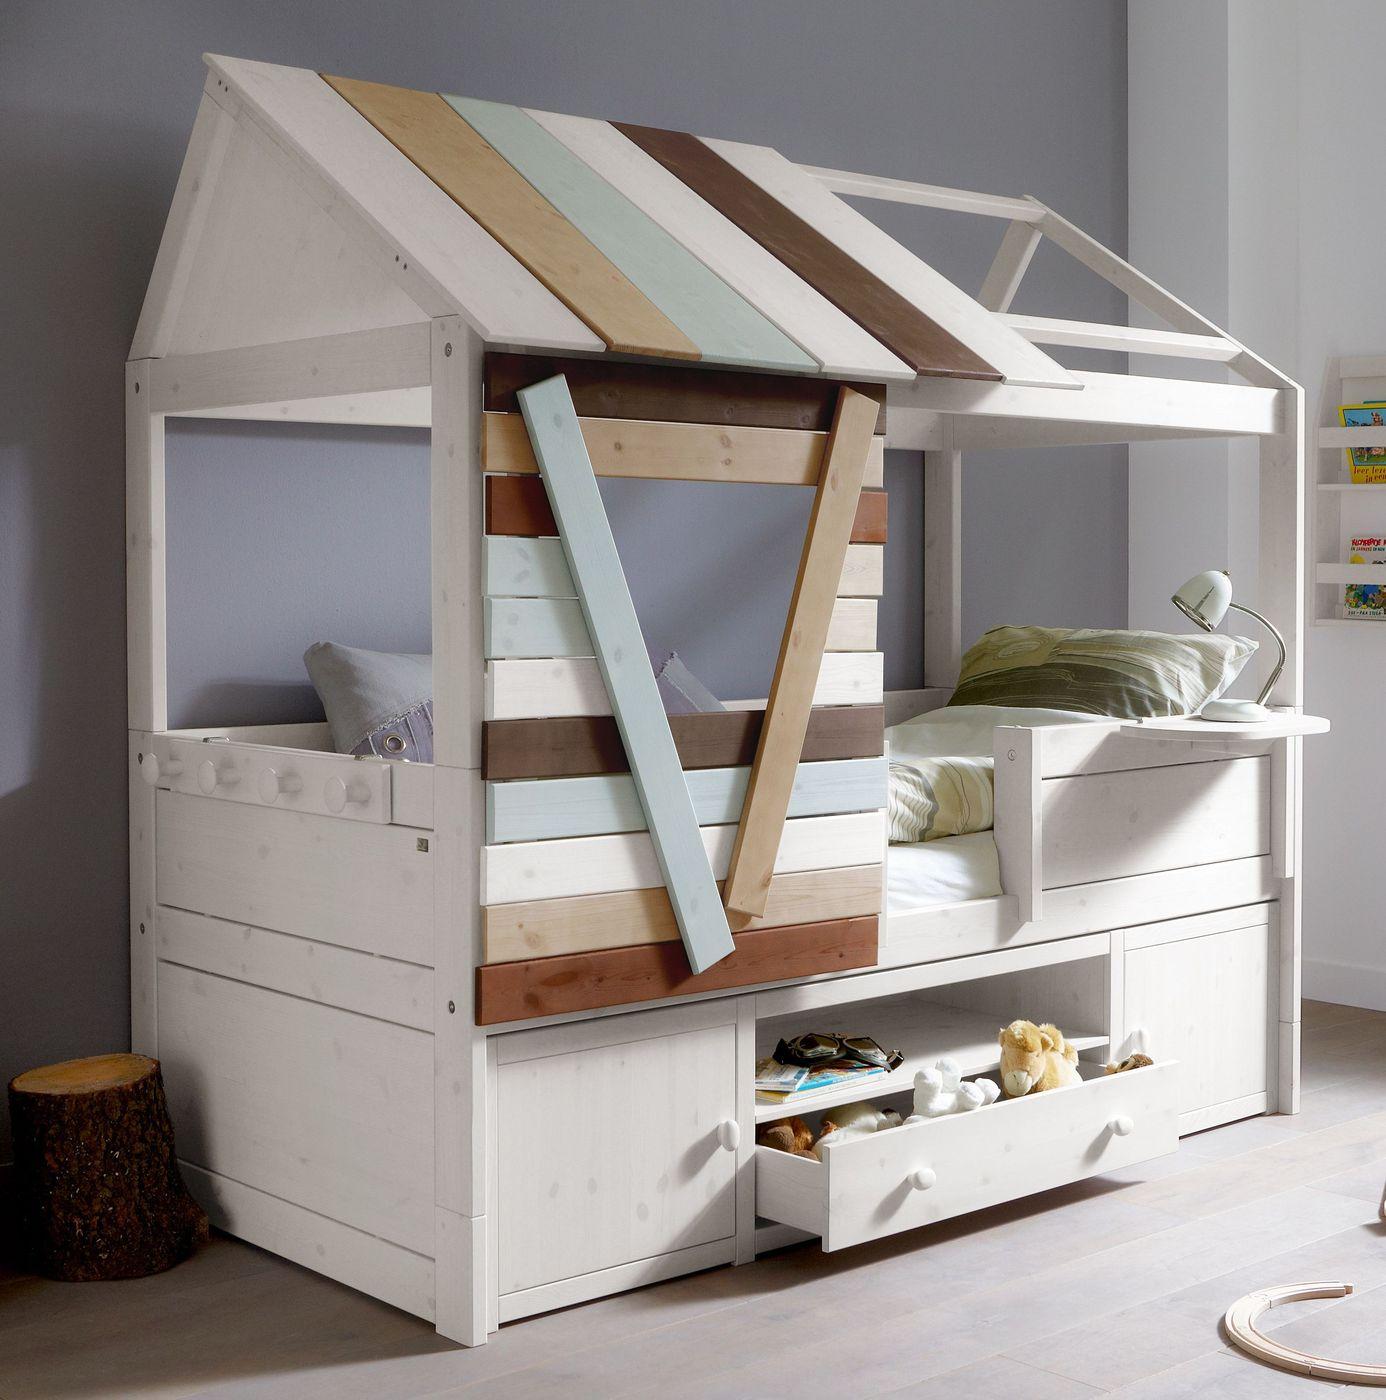 lifetime kojenbett baumhaus design mit viel stauraum survival. Black Bedroom Furniture Sets. Home Design Ideas